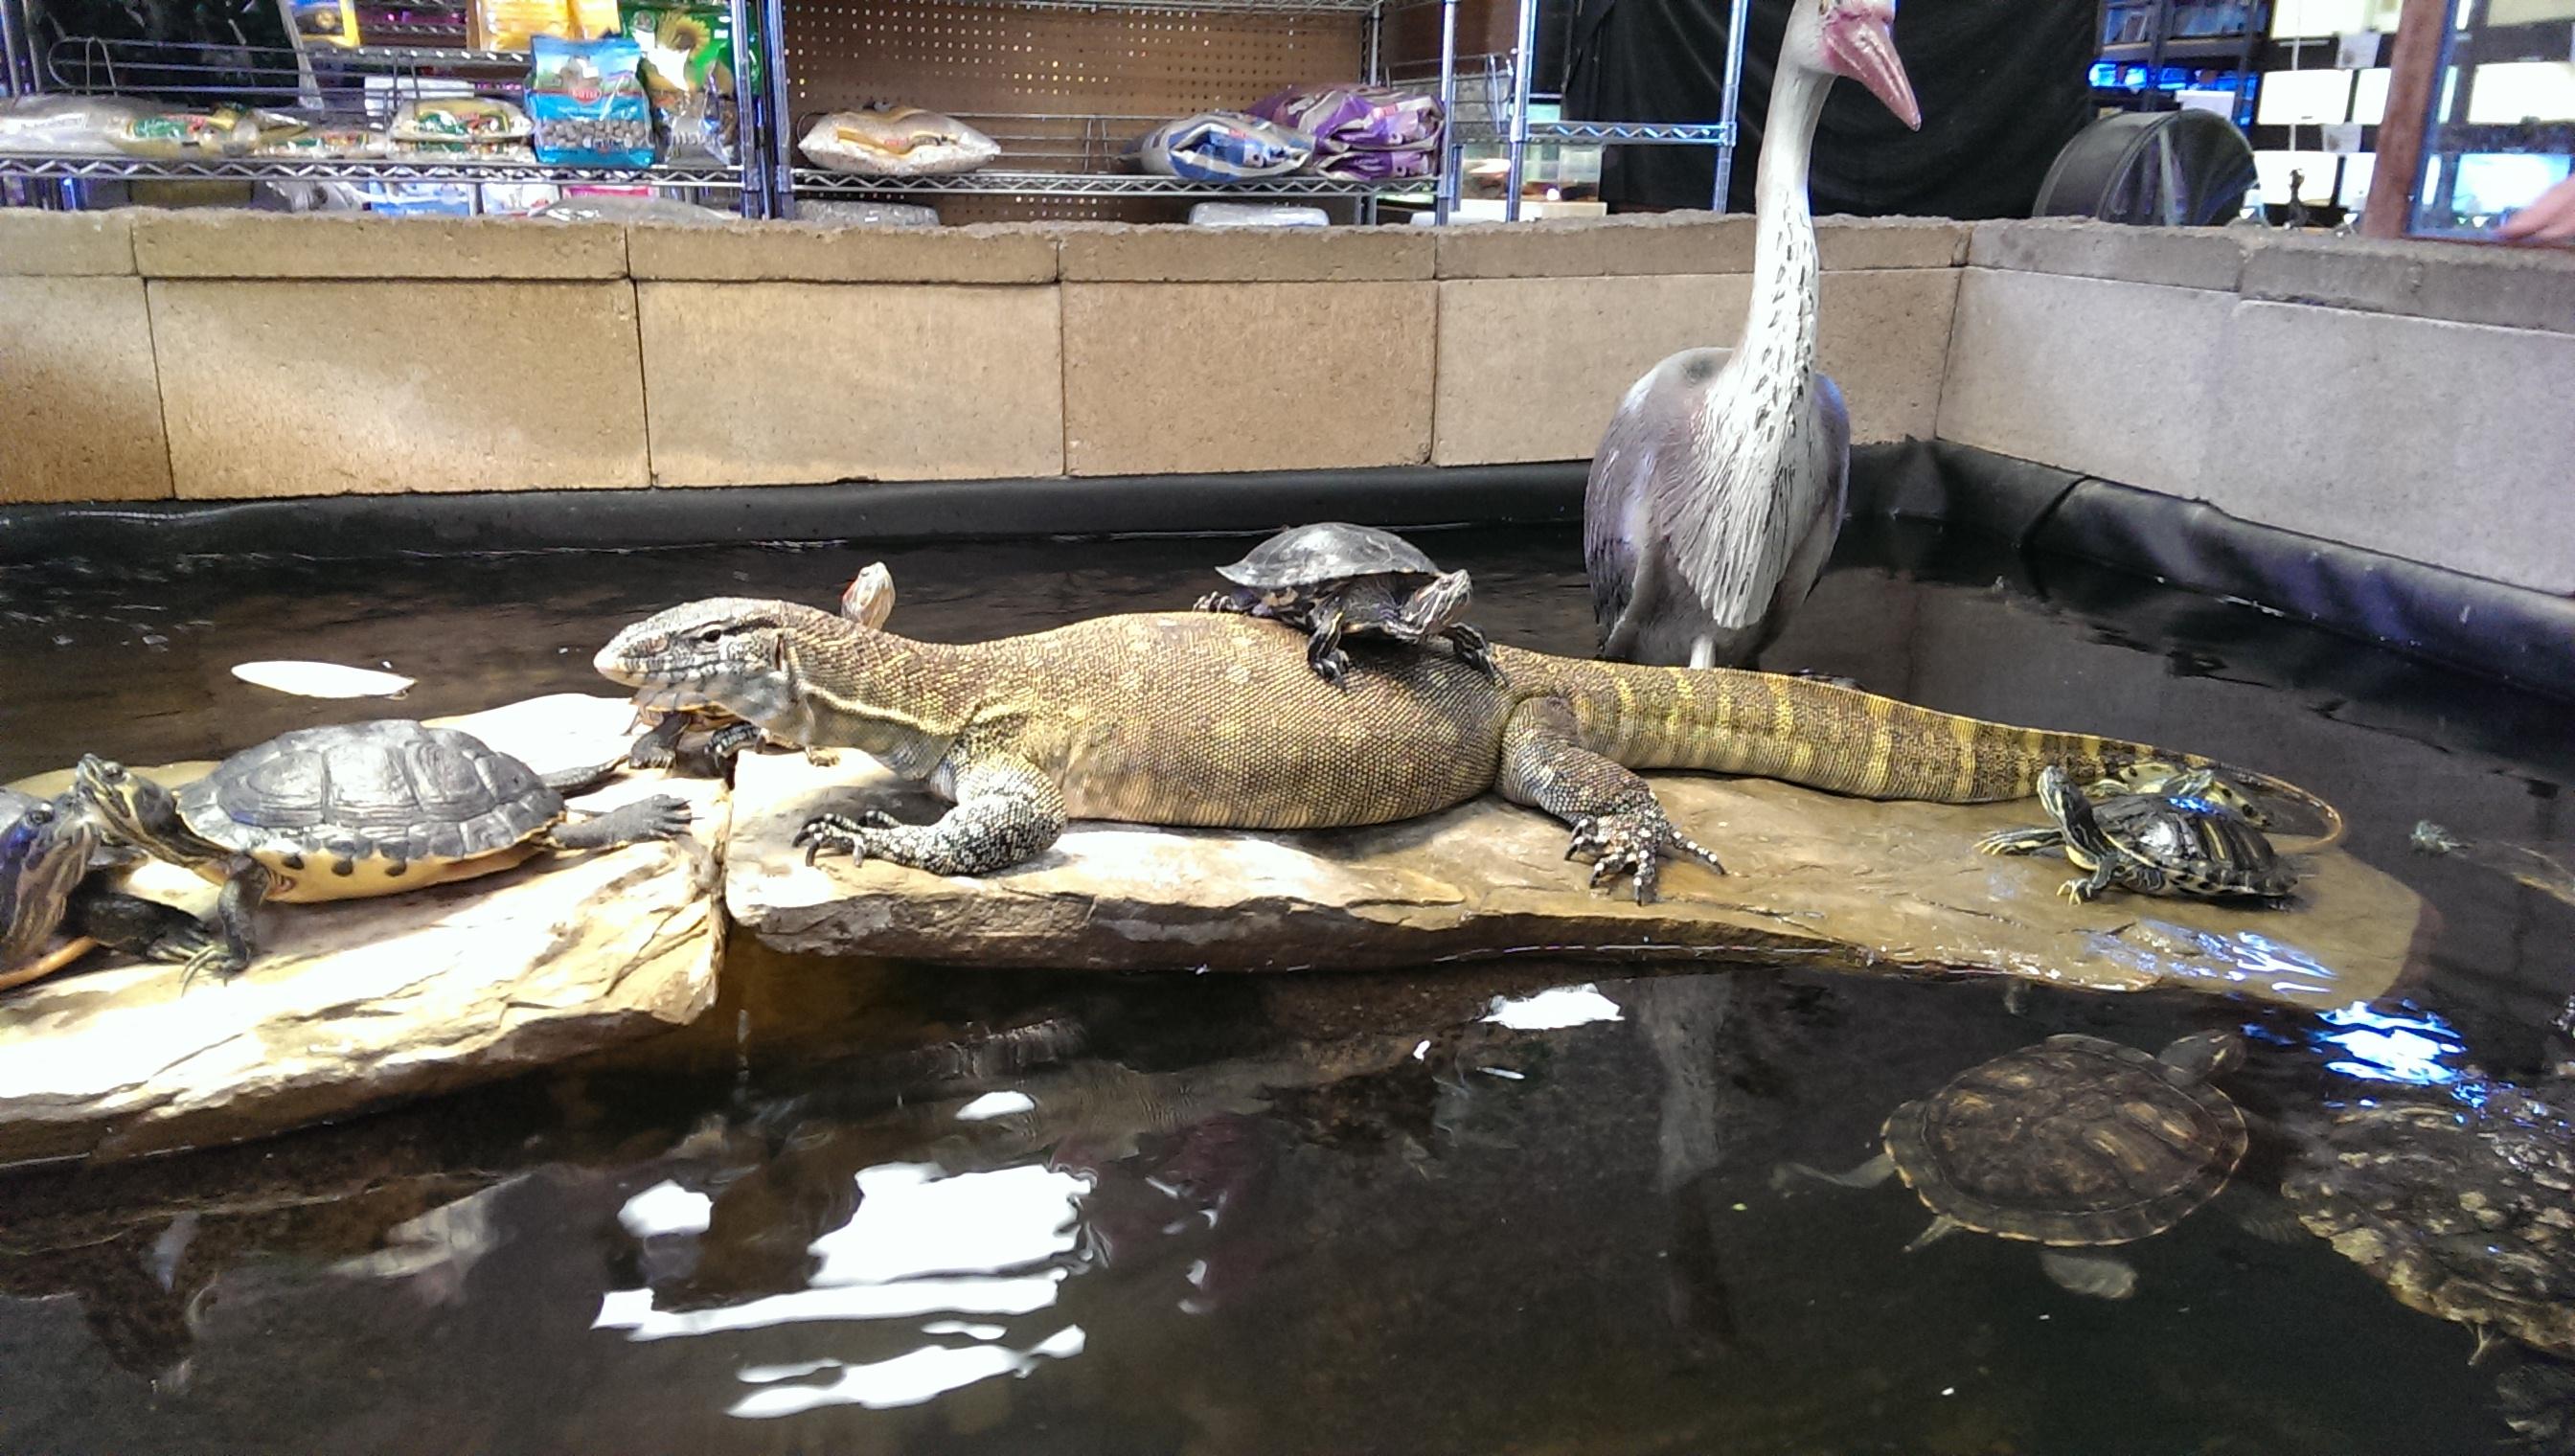 Reigning Reptiles